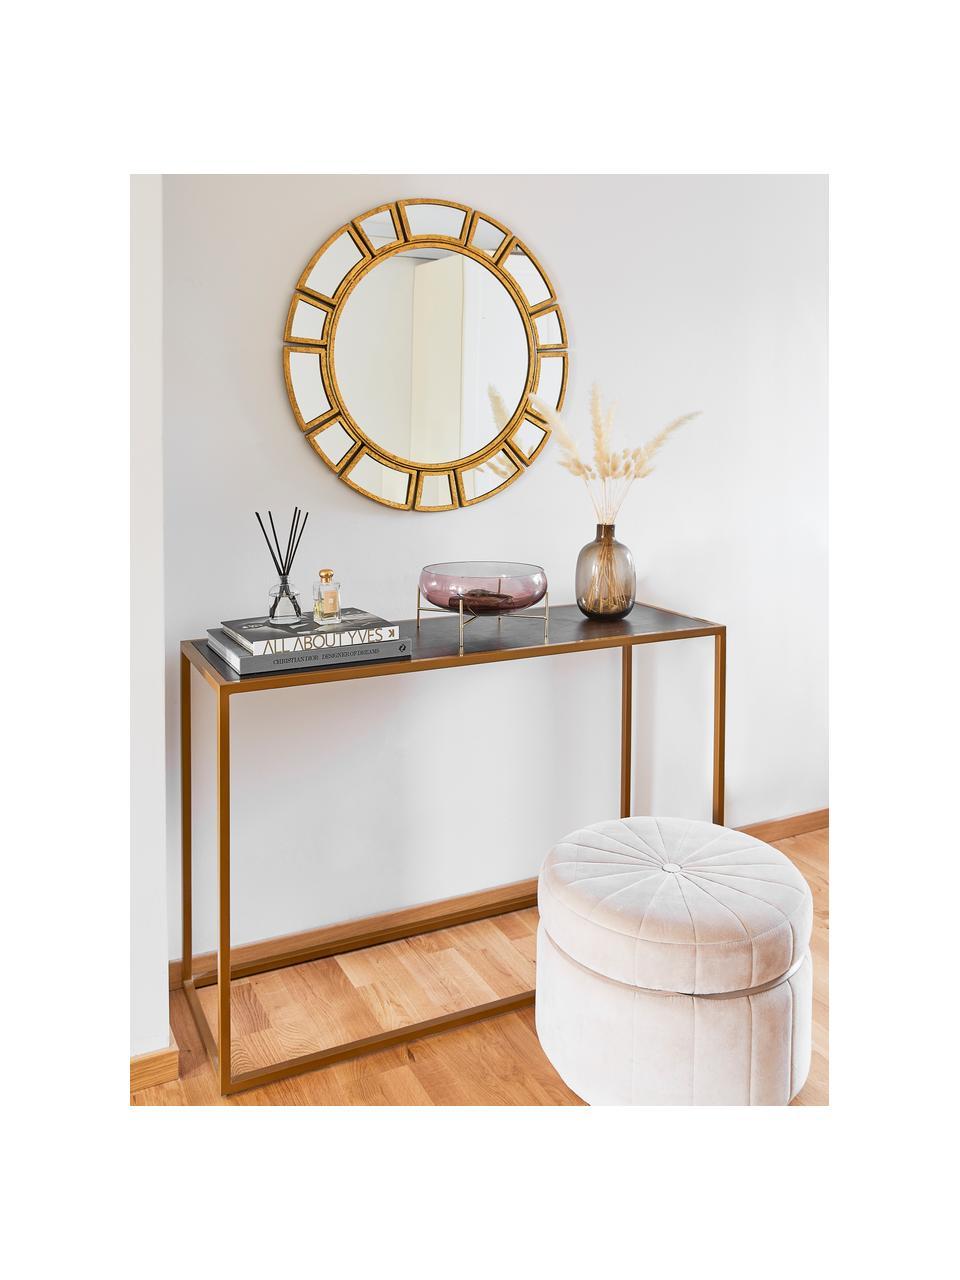 Miroir mural rond avec cadre doré Amy, Couleur dorée